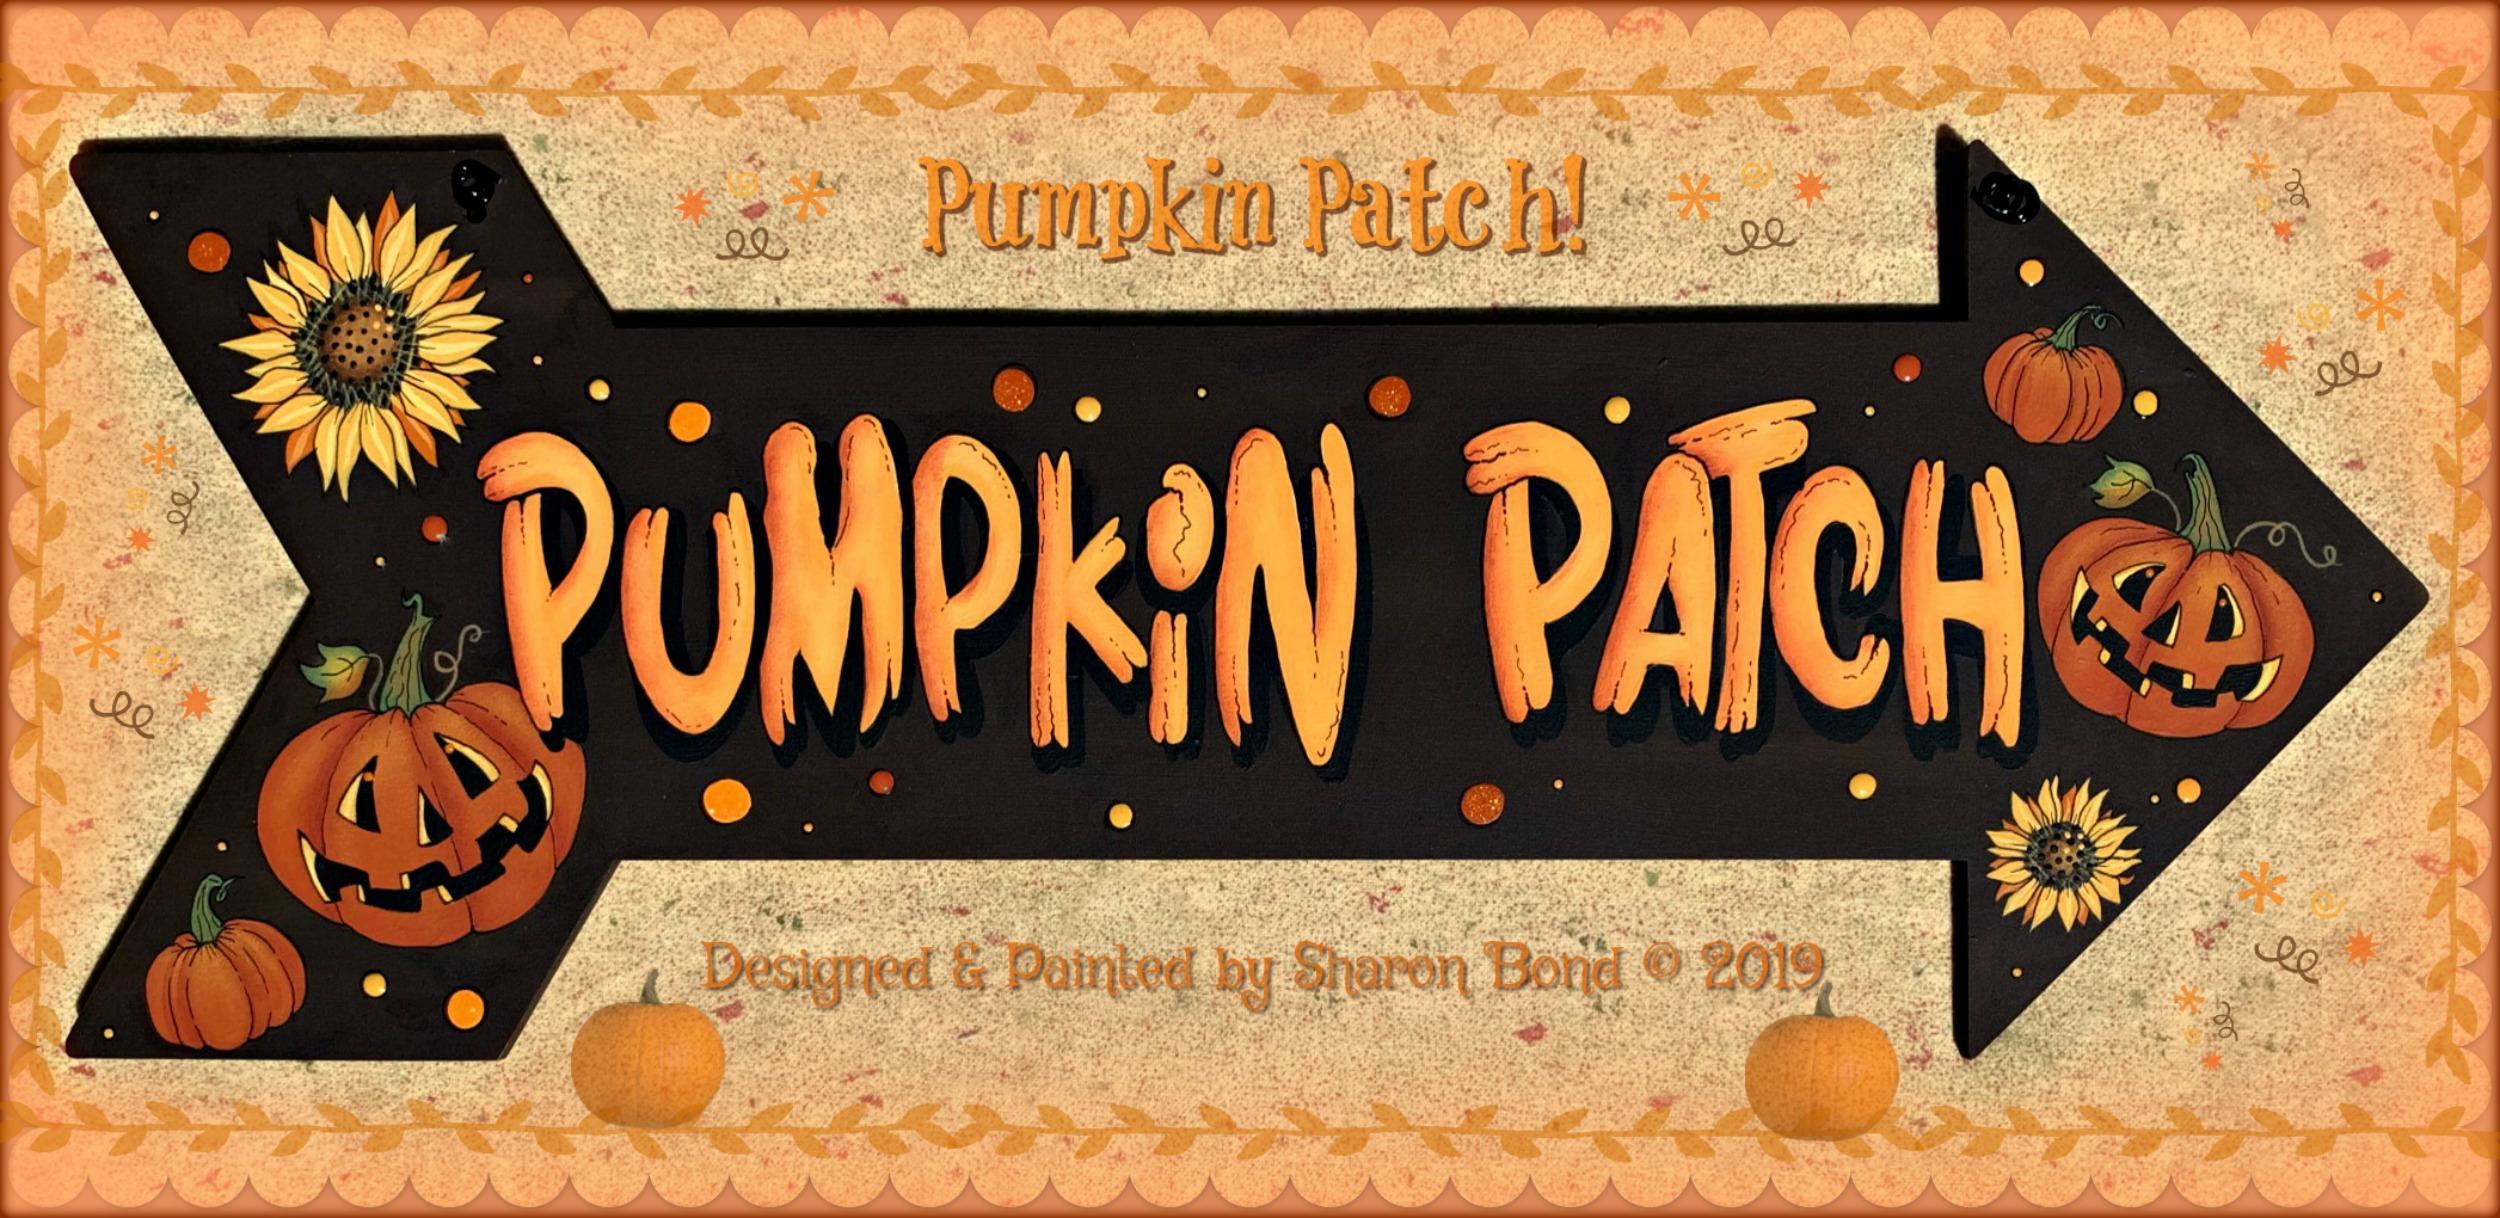 Pumpkin Patch - E-Packet - Sharon Bond